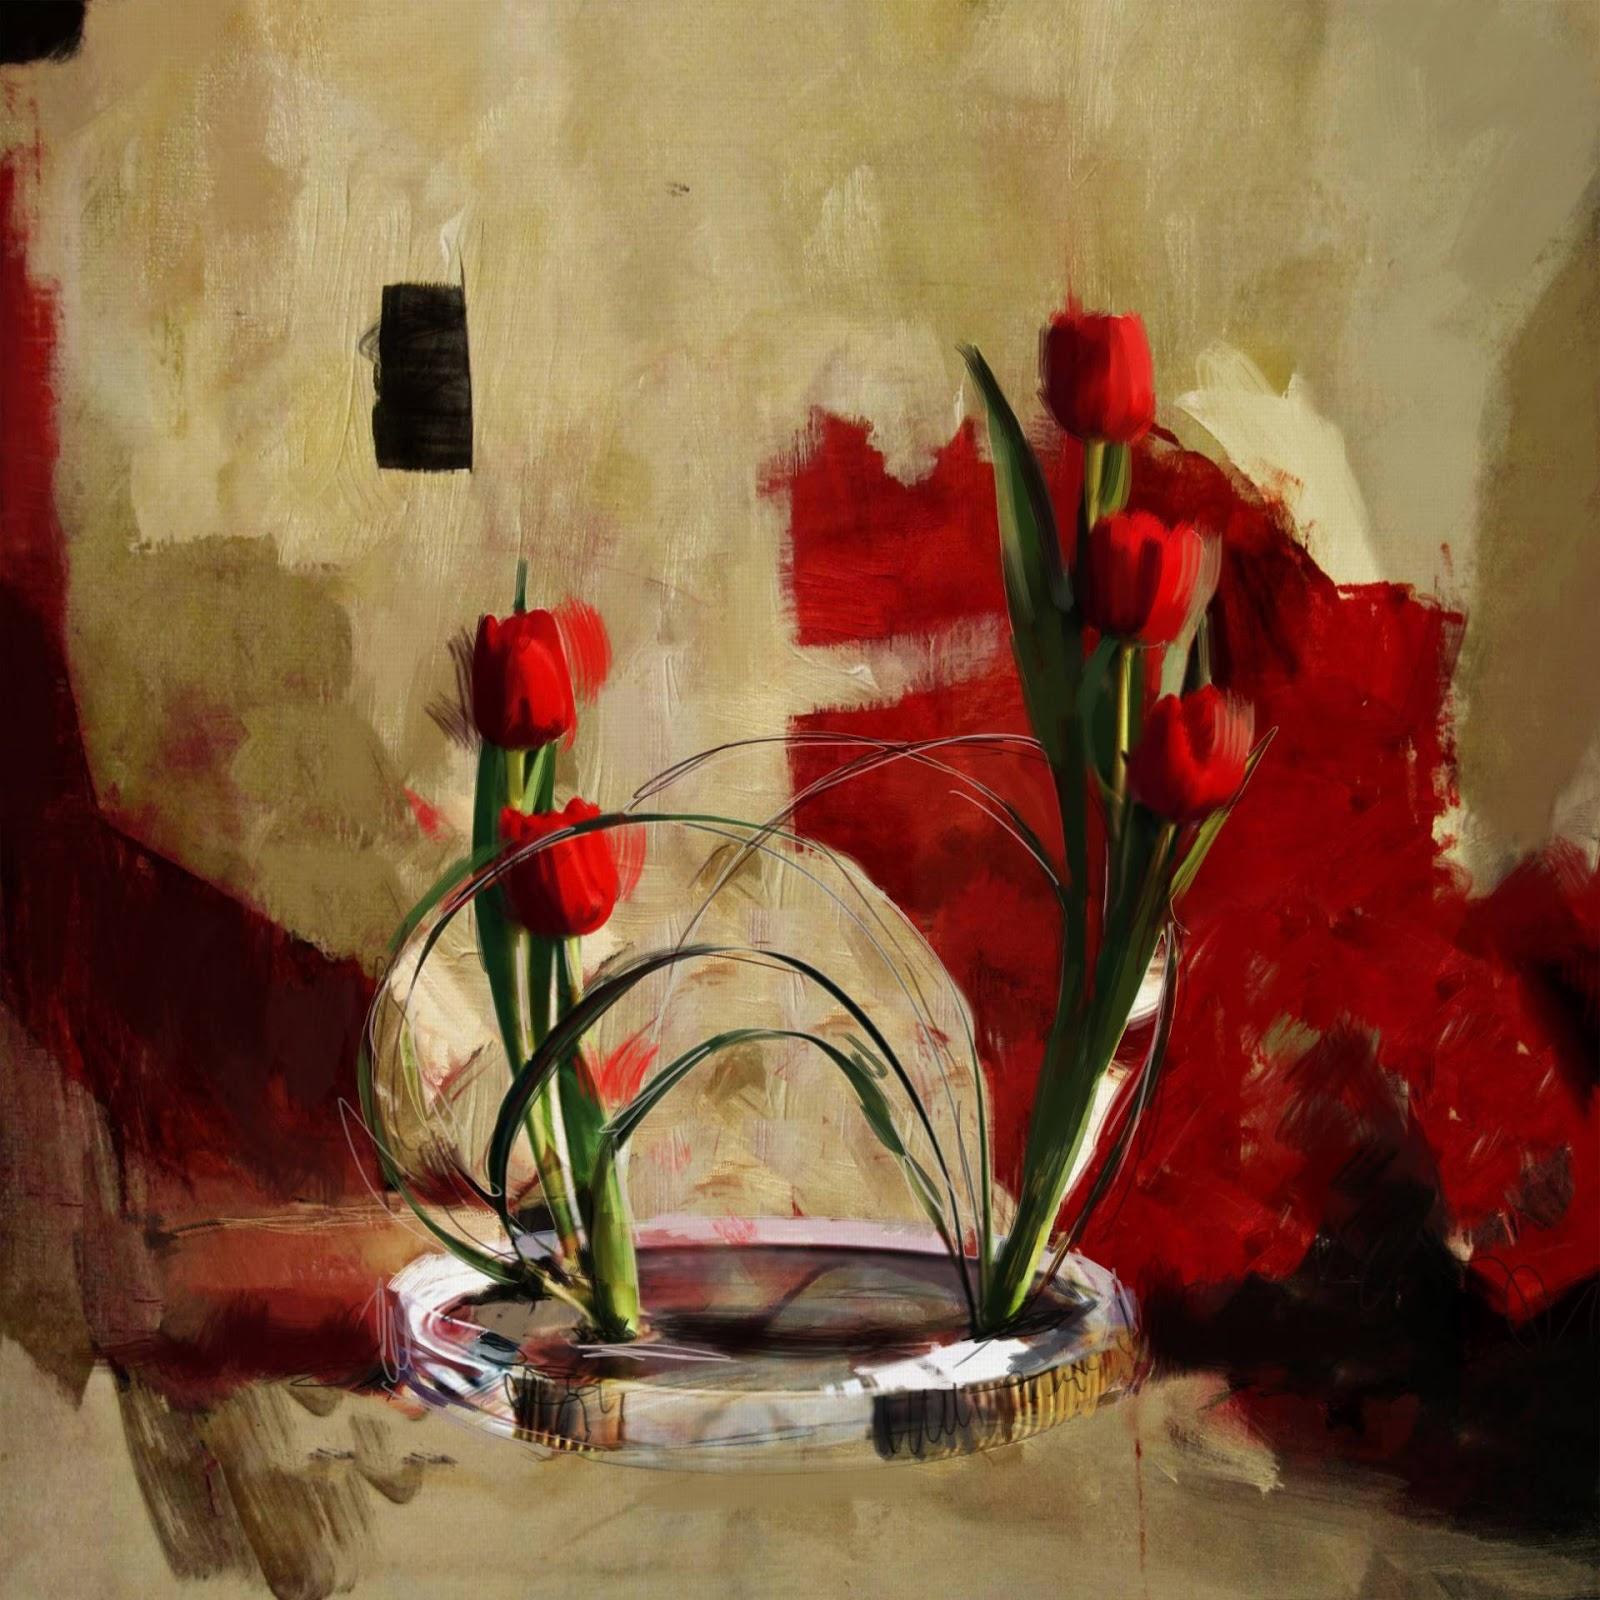 Mahnoor Shah Tutt'Art@ (57)